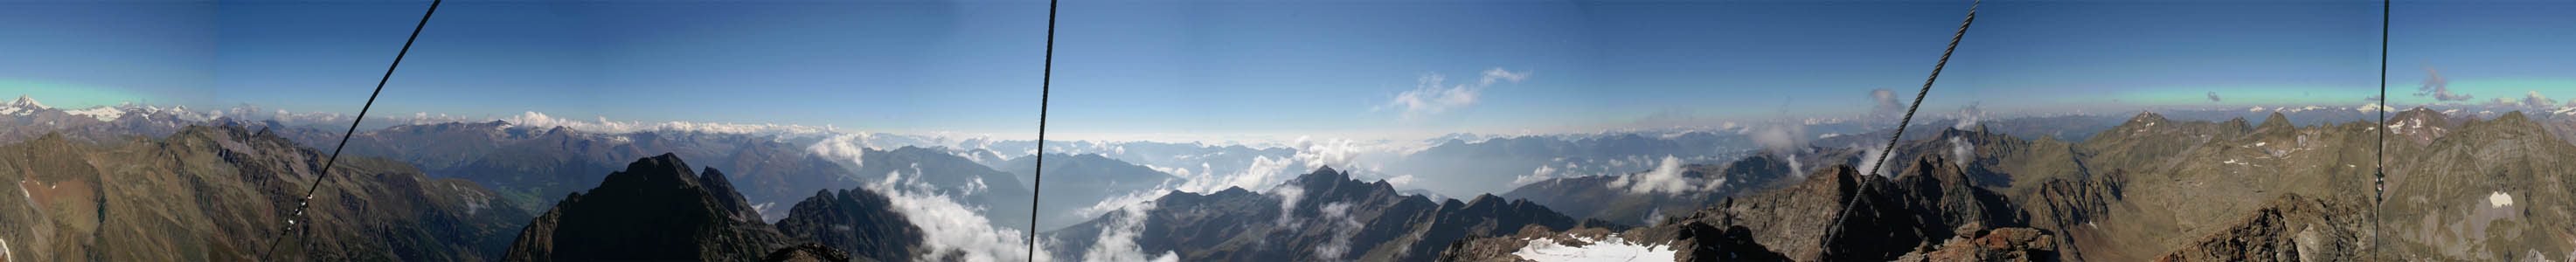 Gipfelpanorama Petzeck